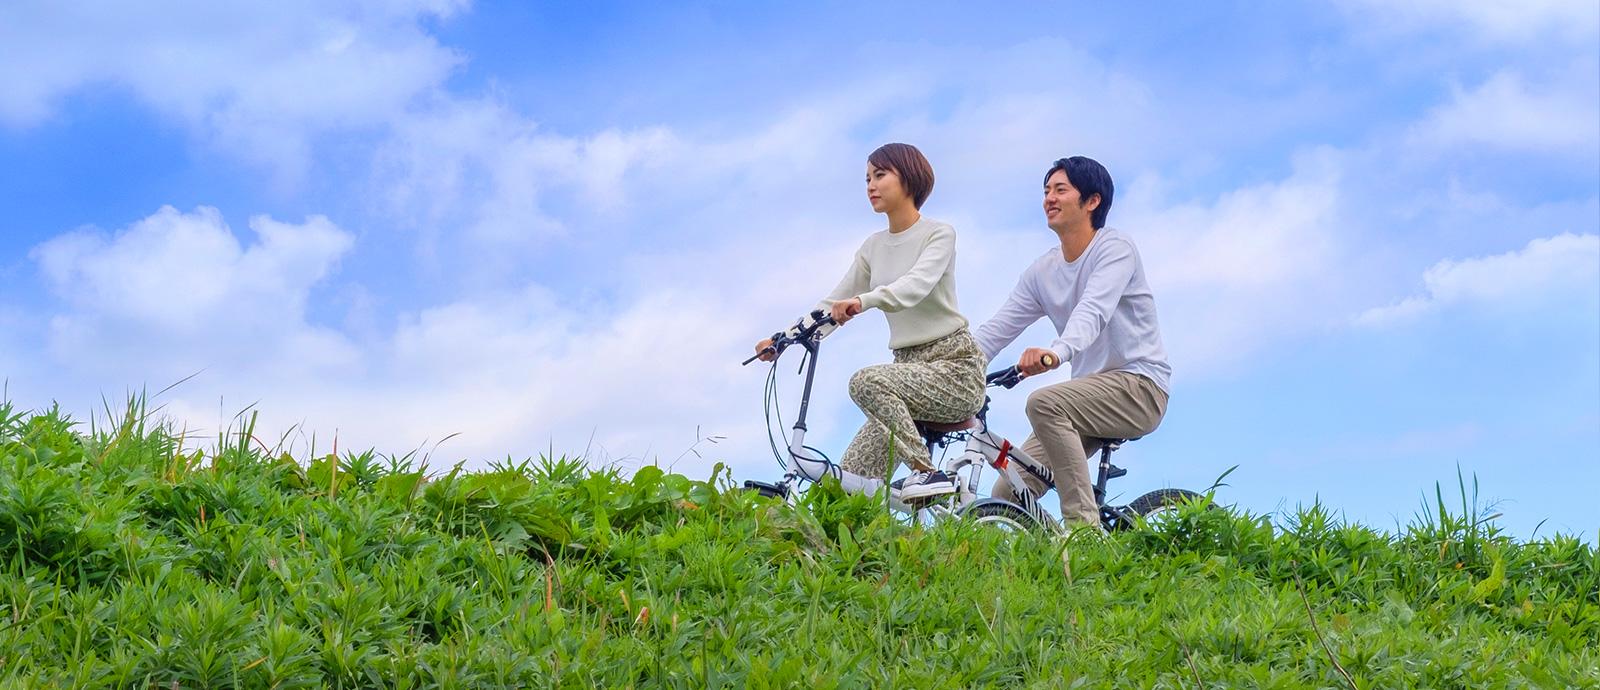 信州みなみまきむらでの高原サイクリング